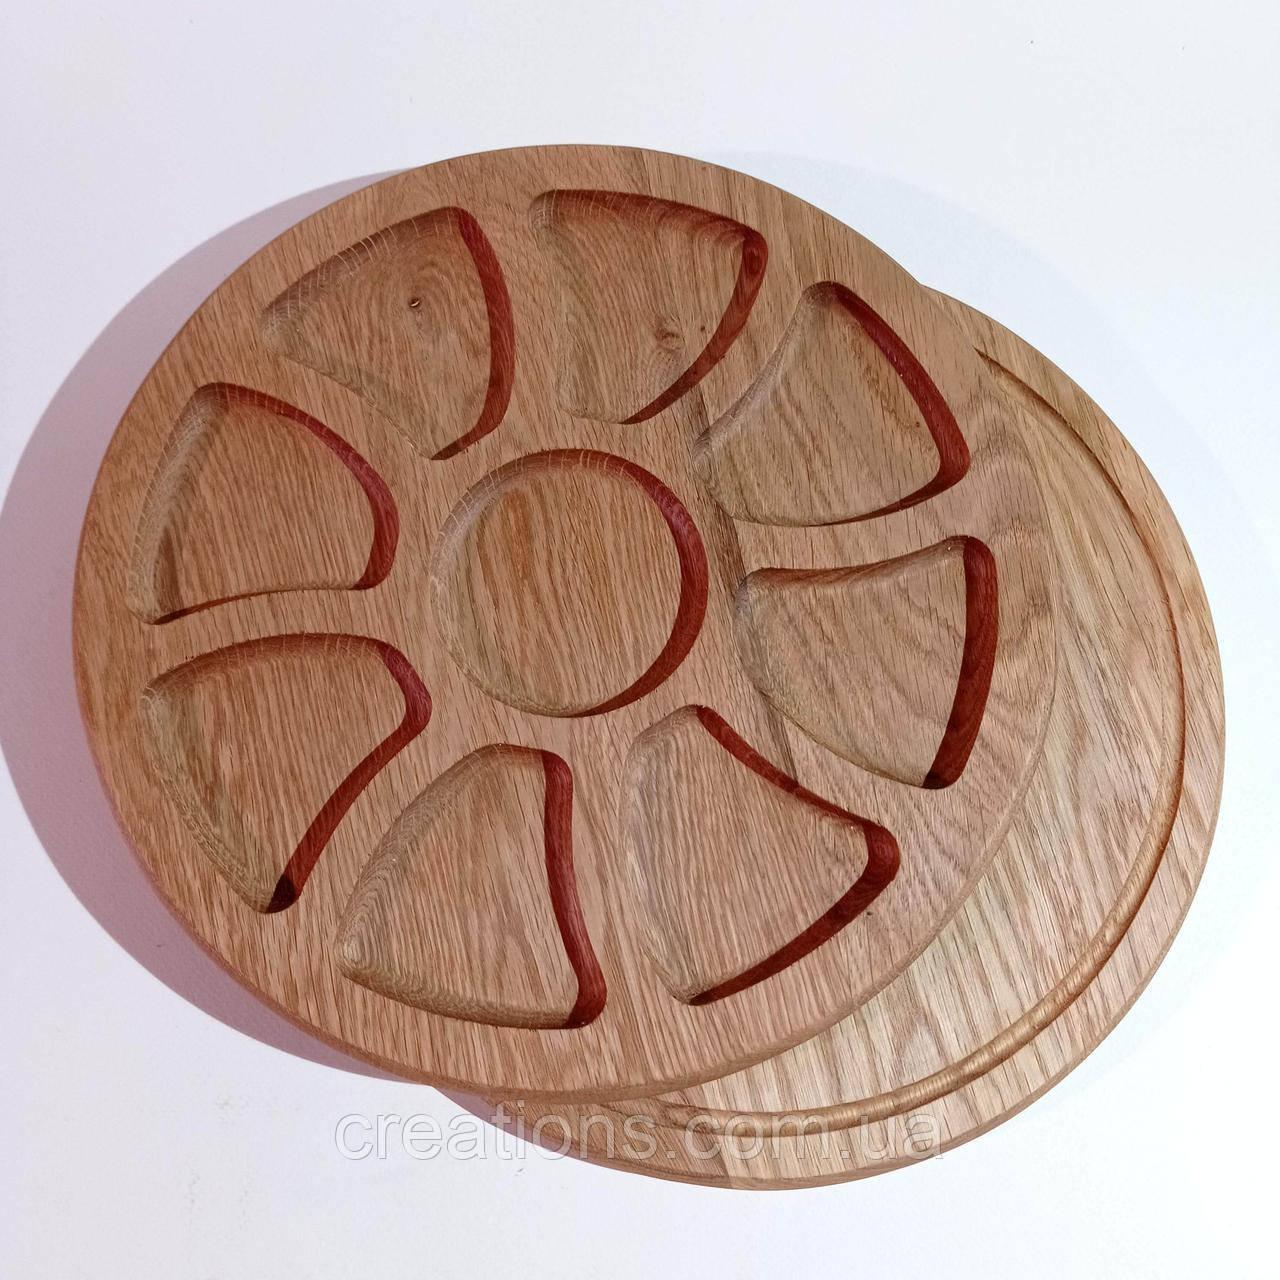 Менажниця дерев'яна дошка для подачі страв 30 см. кругла з дуба на 9 ділень, двостороння